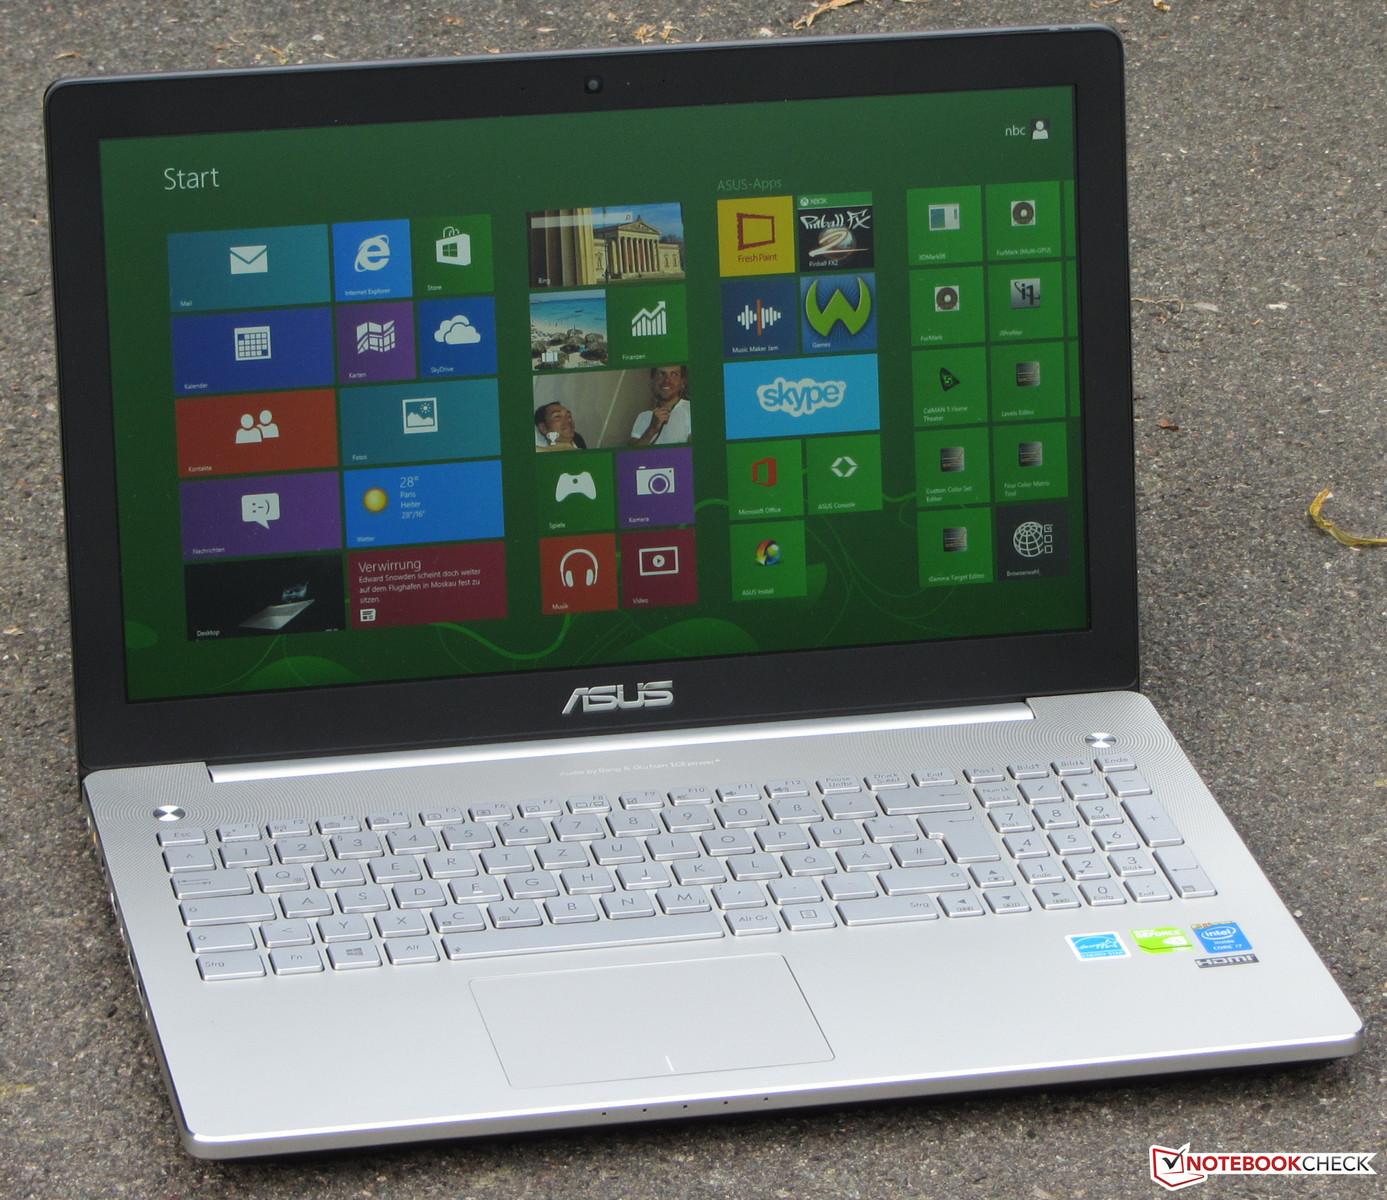 обзор ноутбука Asus N550jv Notebookcheck Rucom